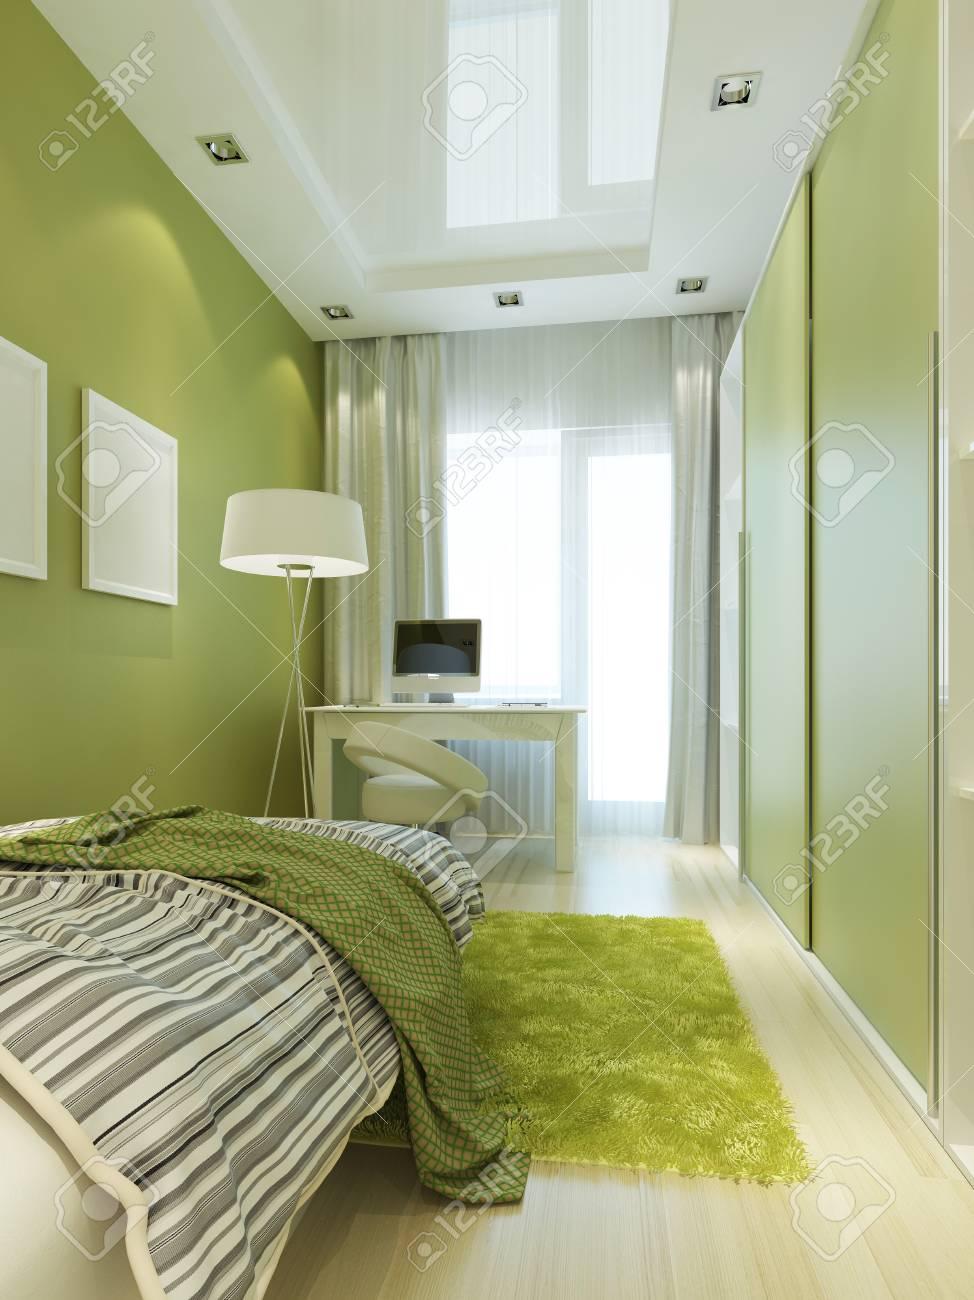 Einzigartig Bett Jugendzimmer Beste Wahl Mit Einem Und Einem Schreibtisch Mit Einem